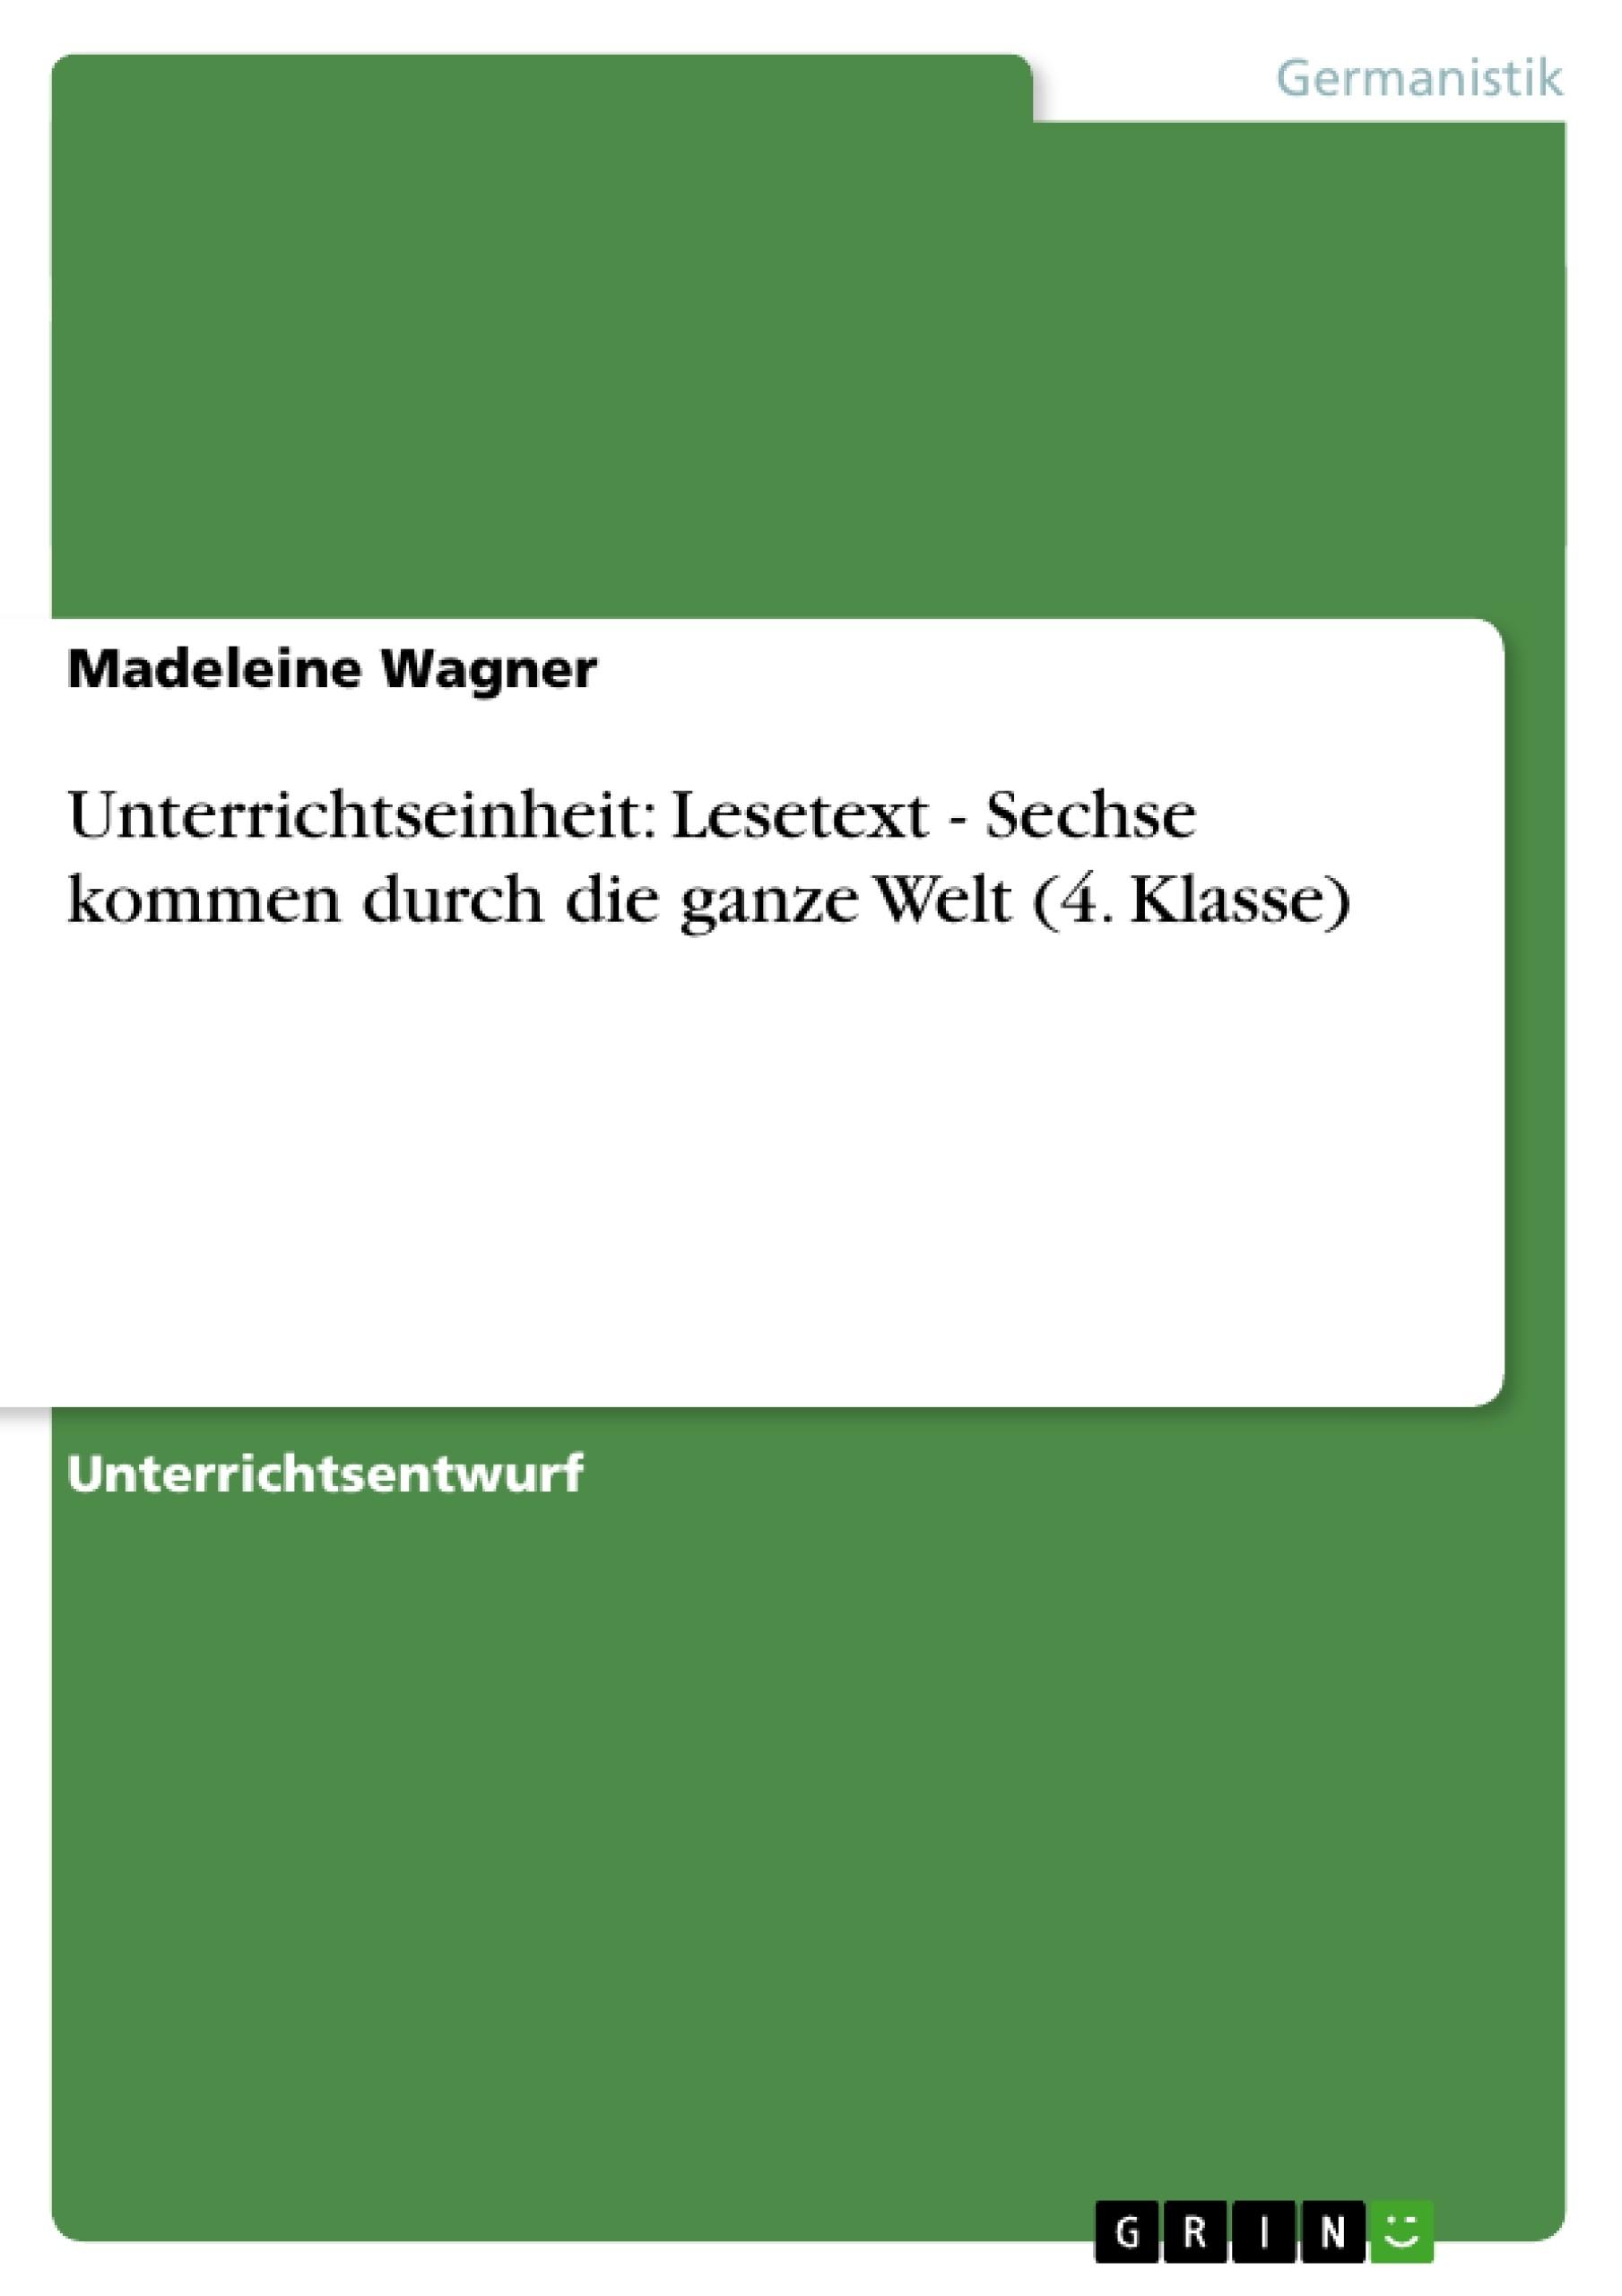 Titel: Unterrichtseinheit: Lesetext - Sechse kommen durch die ganze Welt (4. Klasse)